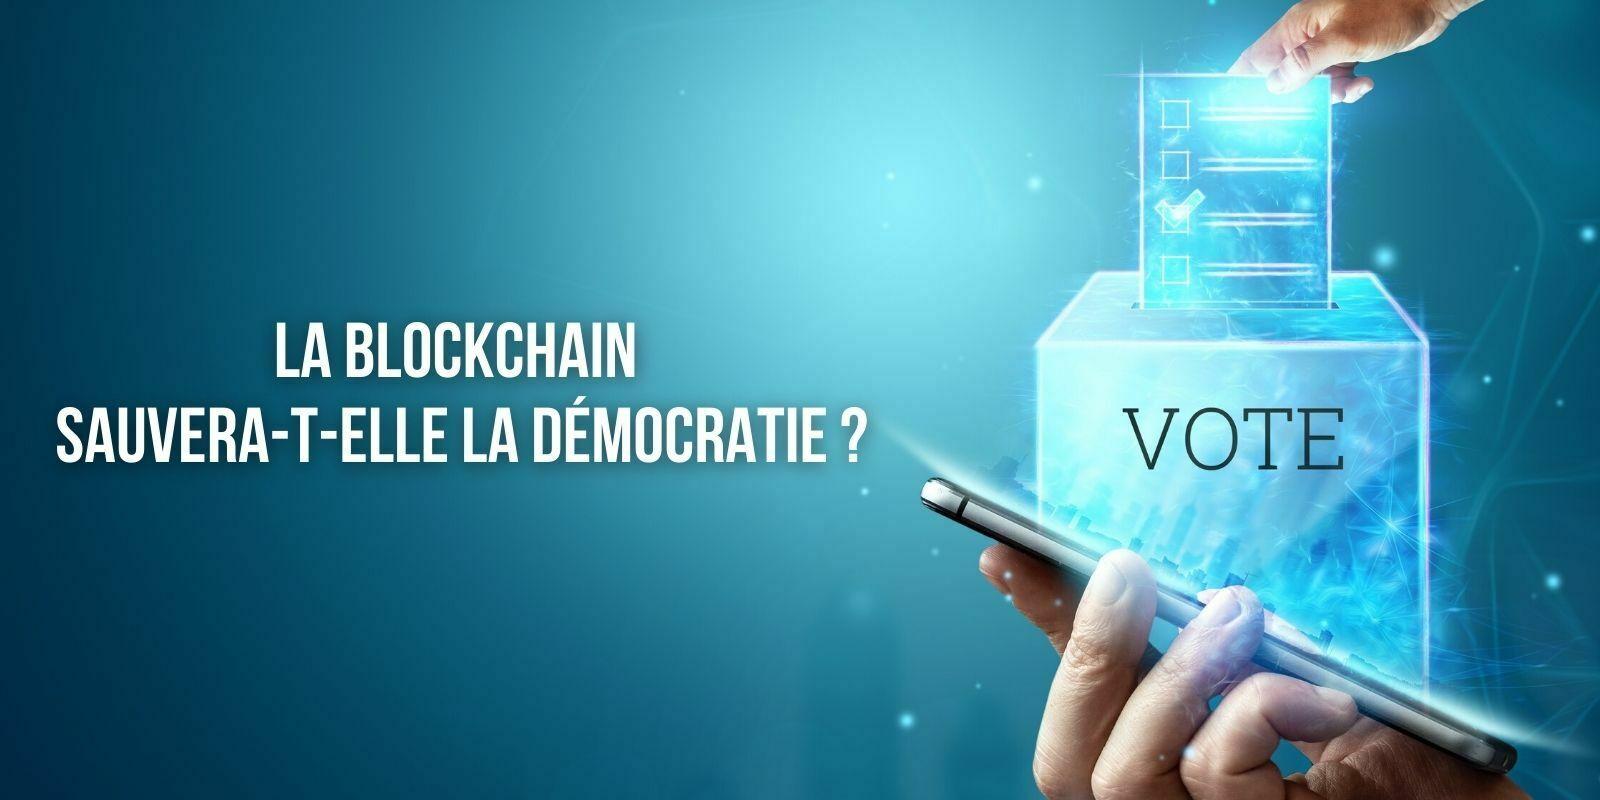 Le vote à distance certifié par la blockchain, un instrument pertinent de lutte contre l'abstention ?